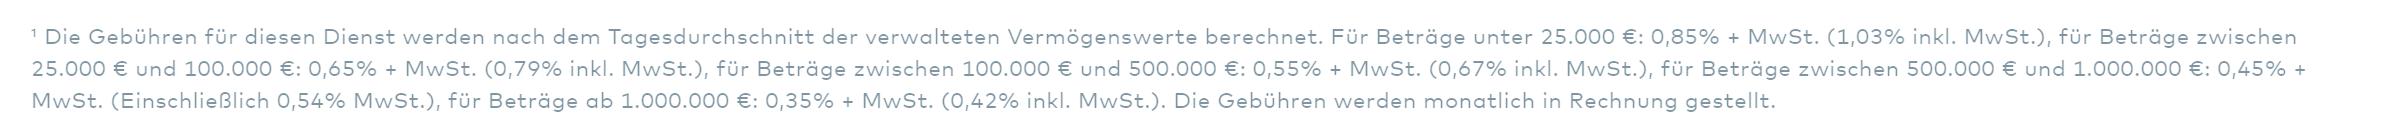 Openbank Gebühren